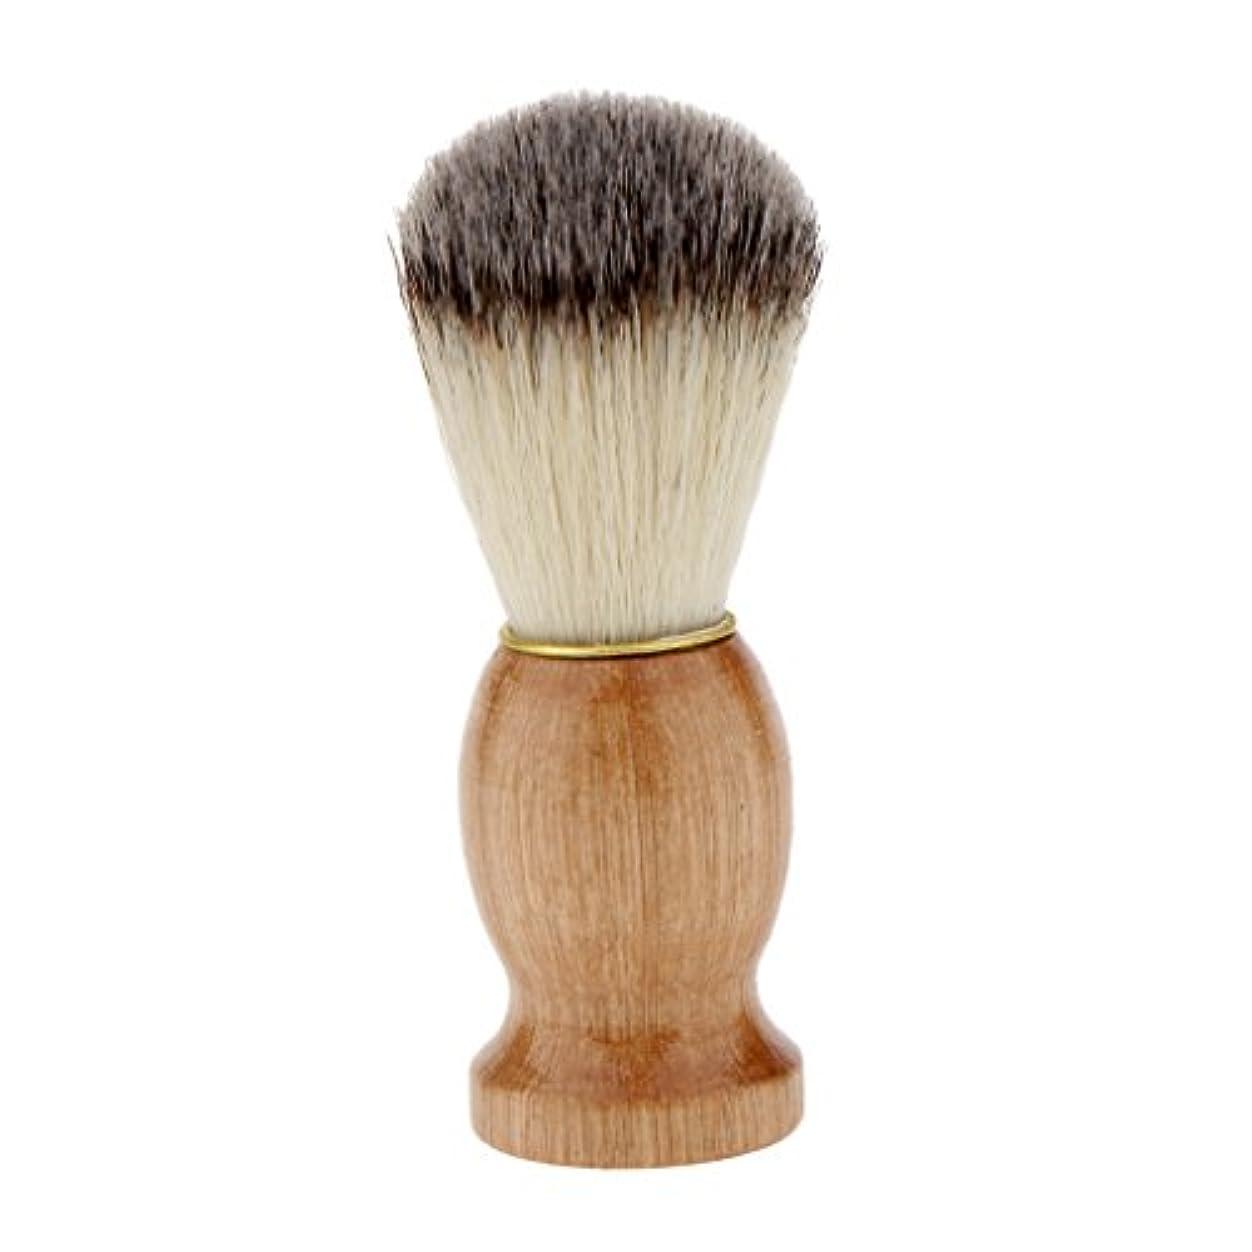 中絶コーラストランザクション男性ギフト剃毛シェービングブラシプロ理髪店サロン剛毛ブラシウッドハンドルダストクリーニングツール